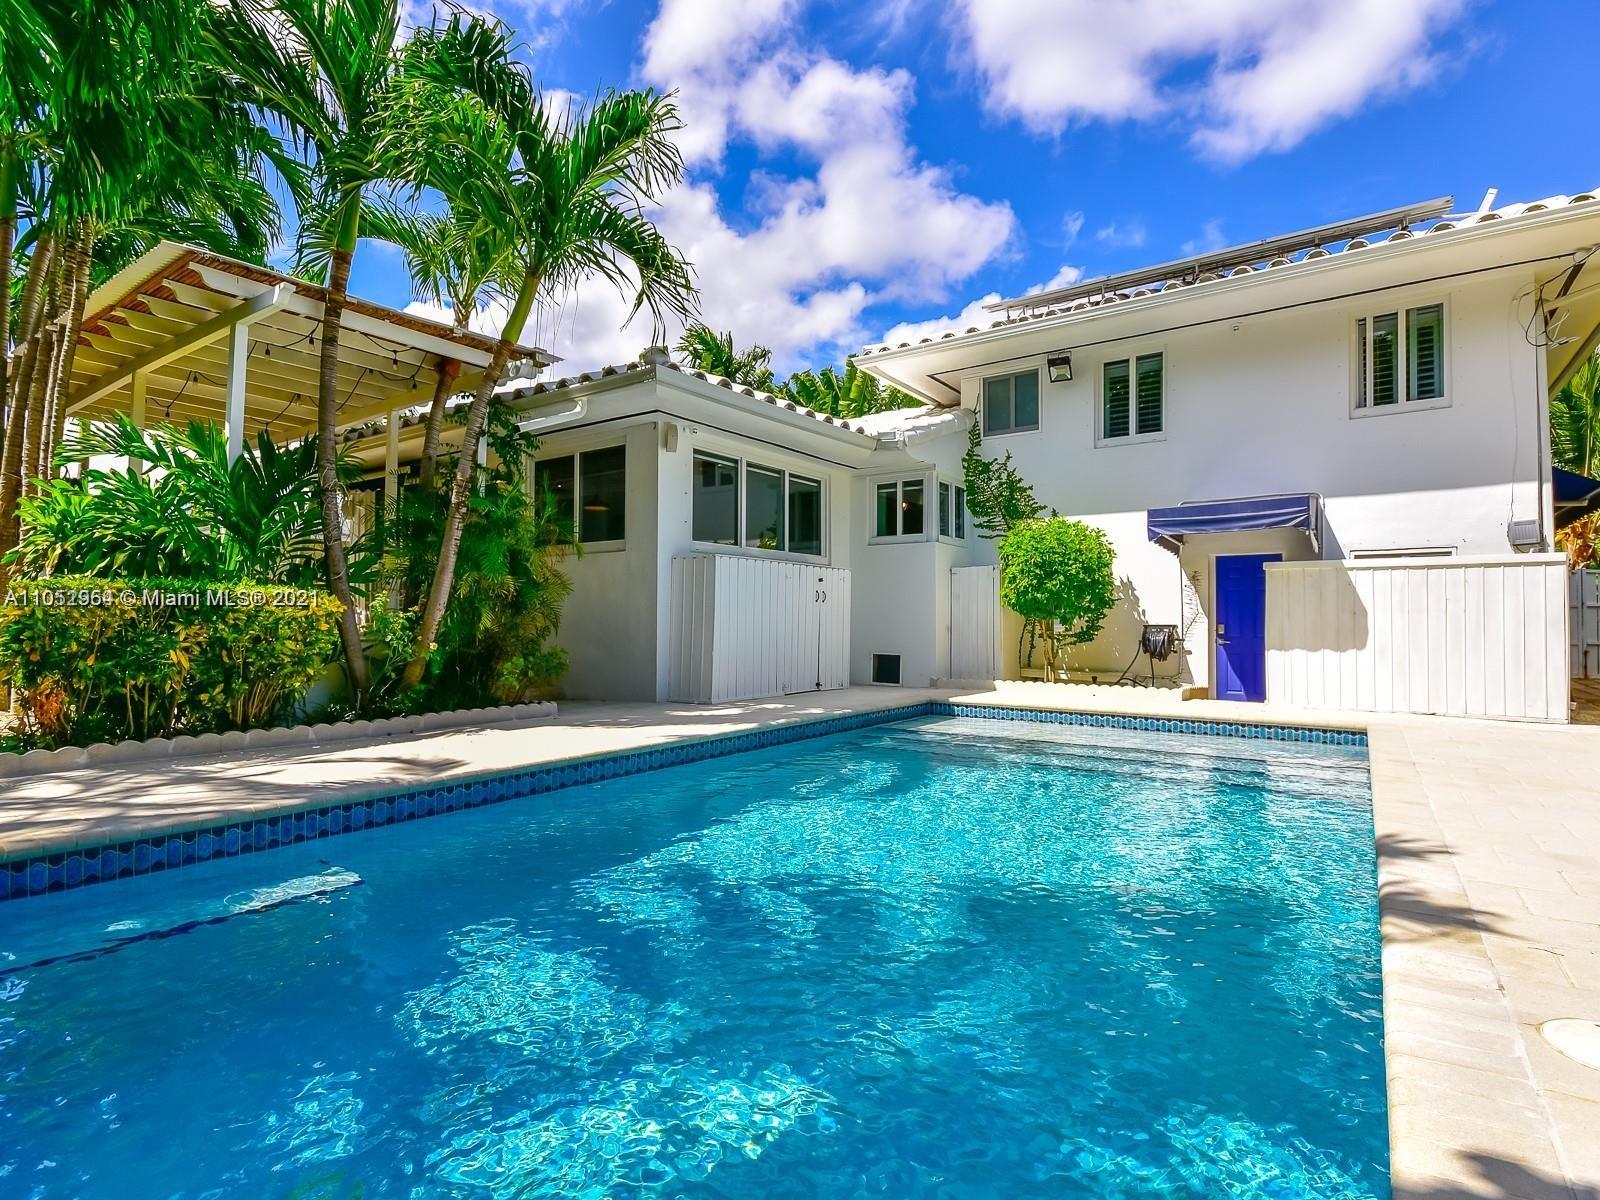 Shore Crest - 1164 NE 86th St, Miami, FL 33138